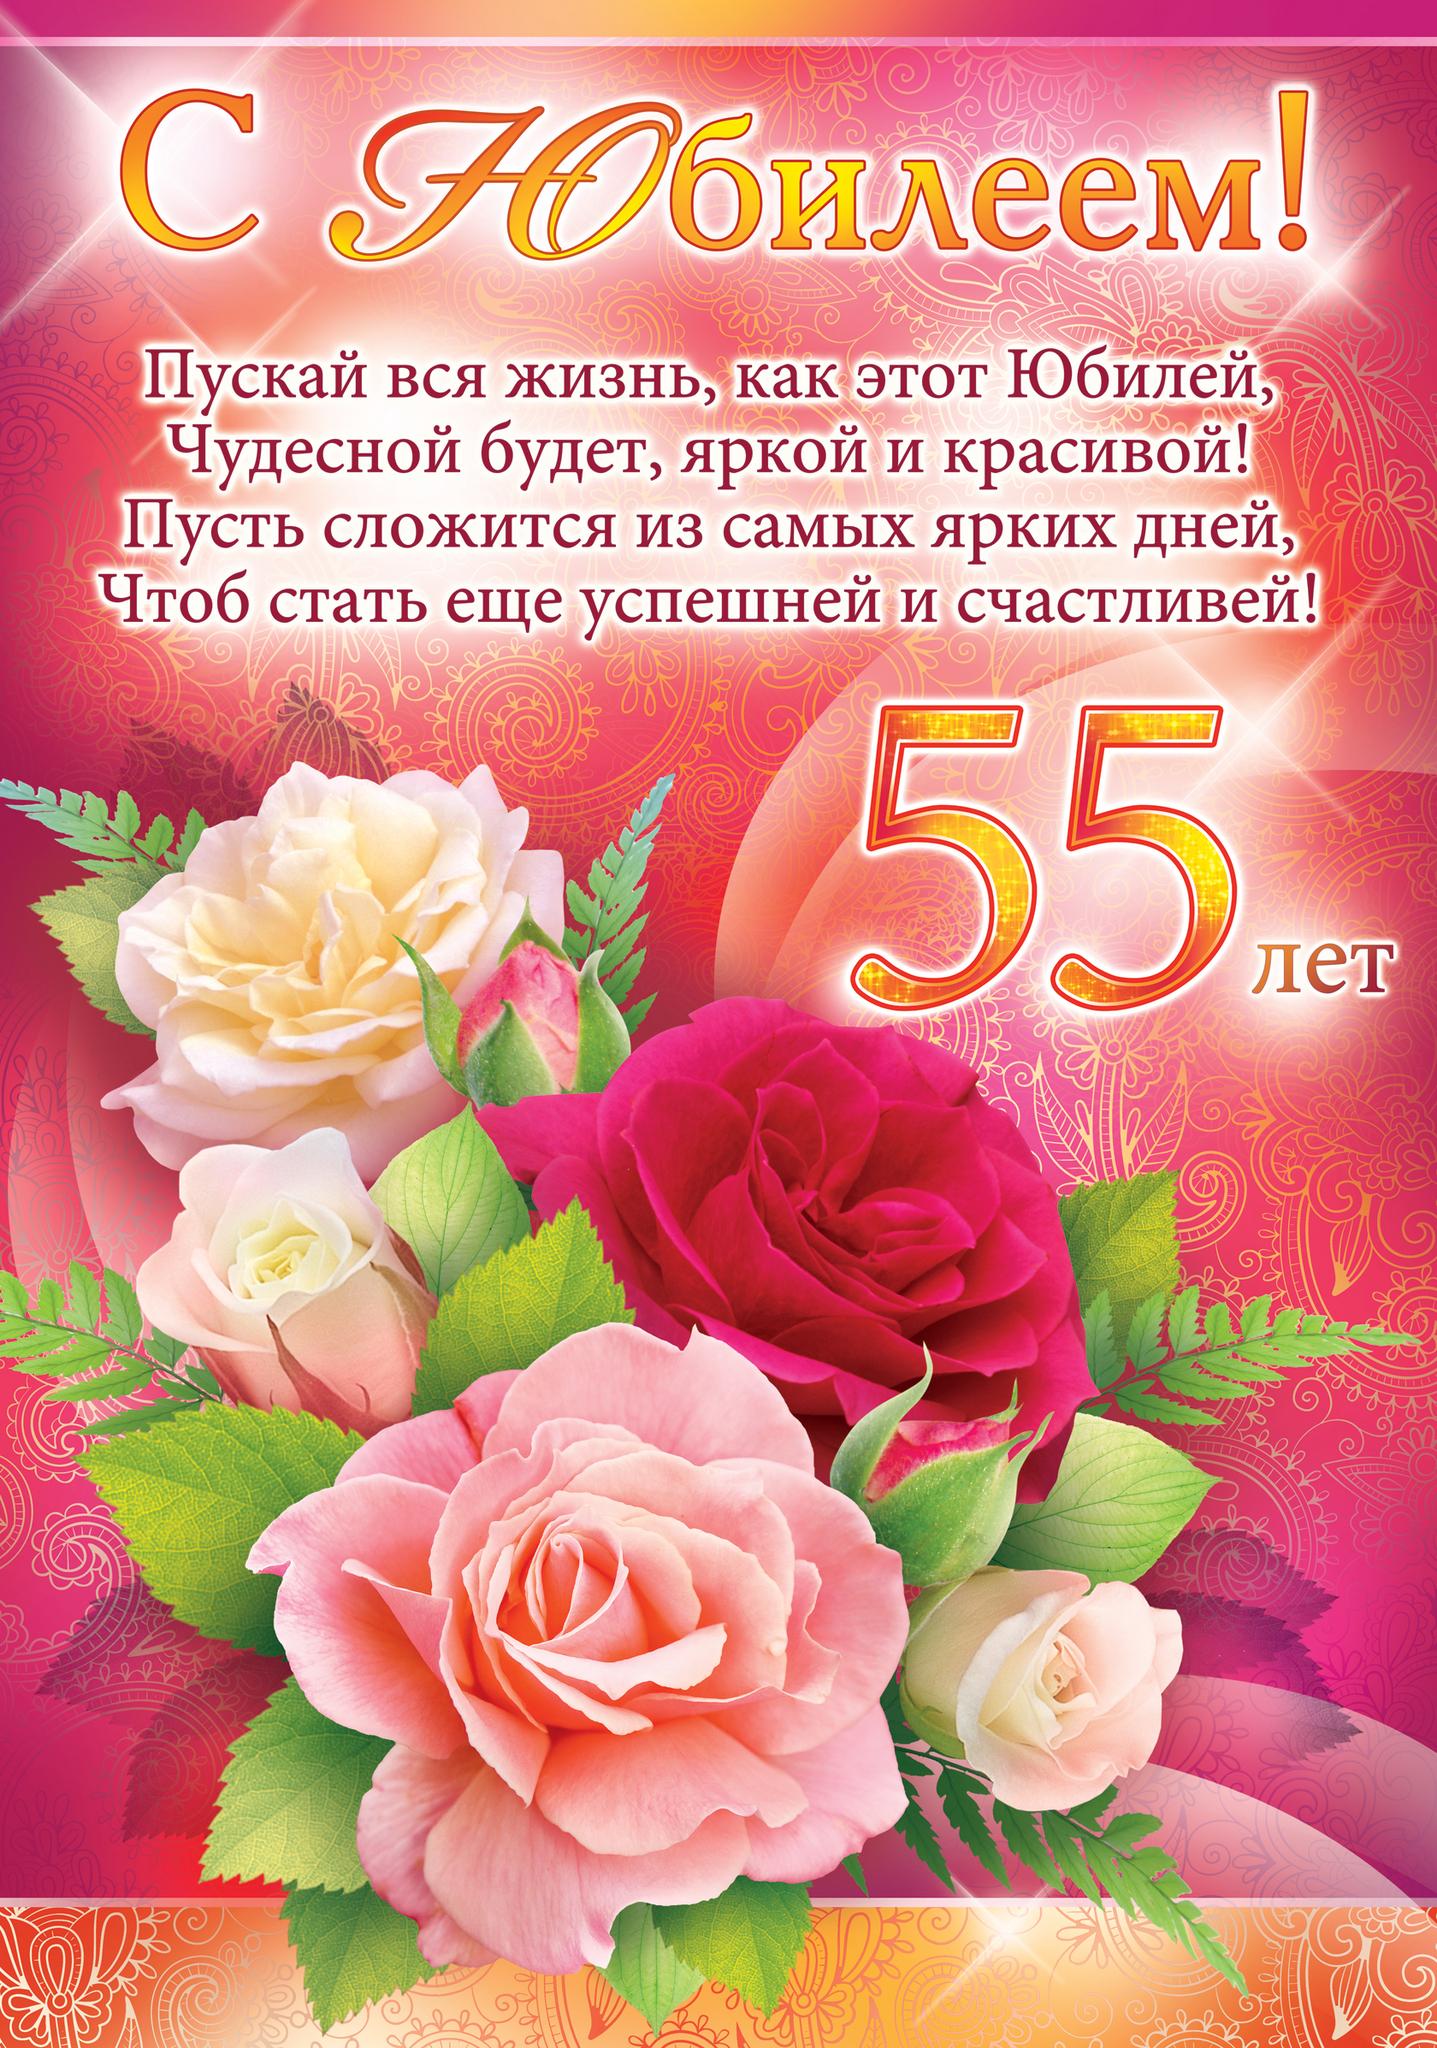 Поздравление с женщине с юбилеем 55 лет в стихах красивые и нежные 26